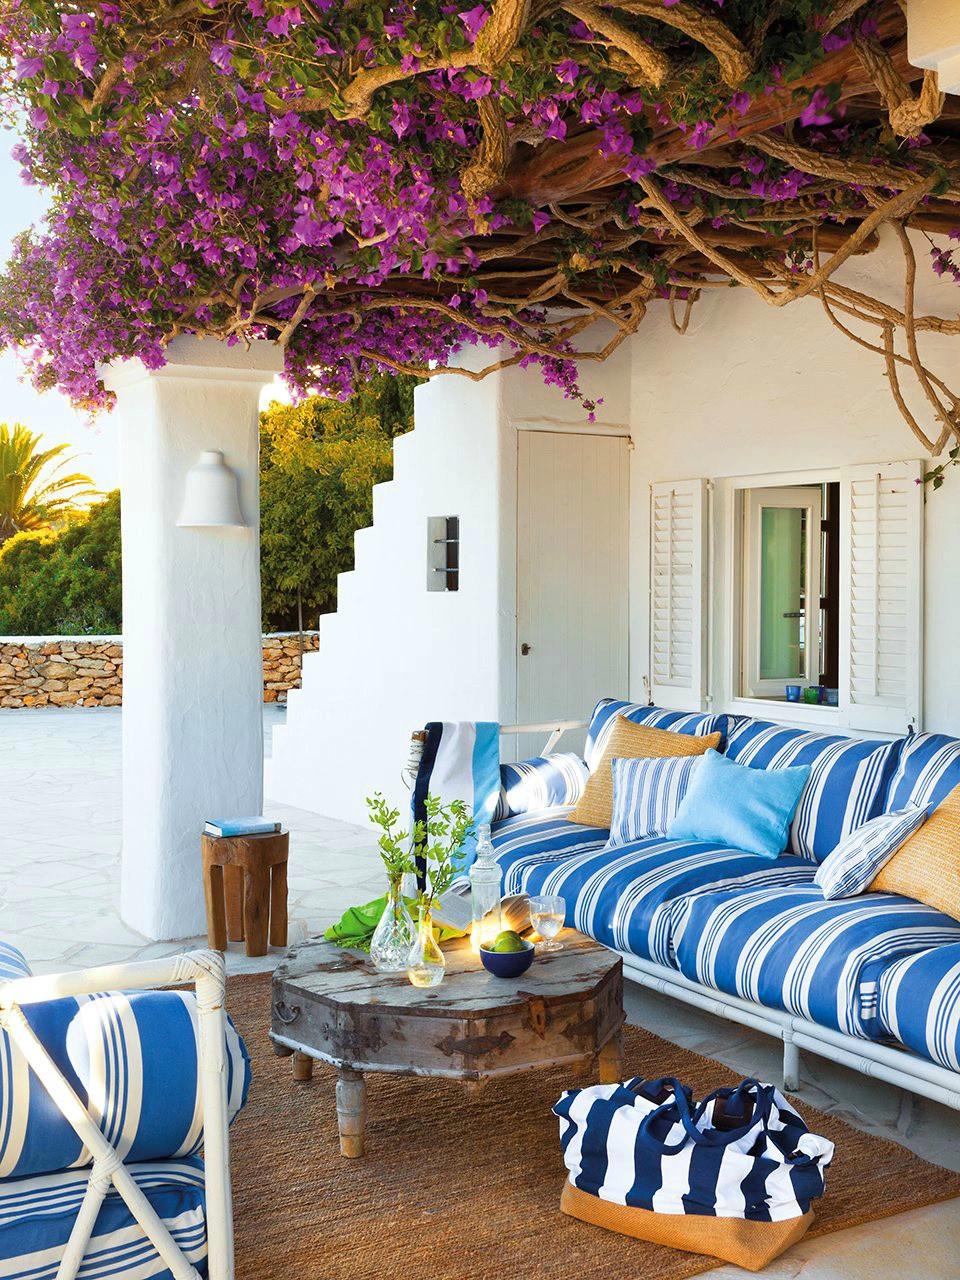 ibiza岛海滩地中海风格的房子